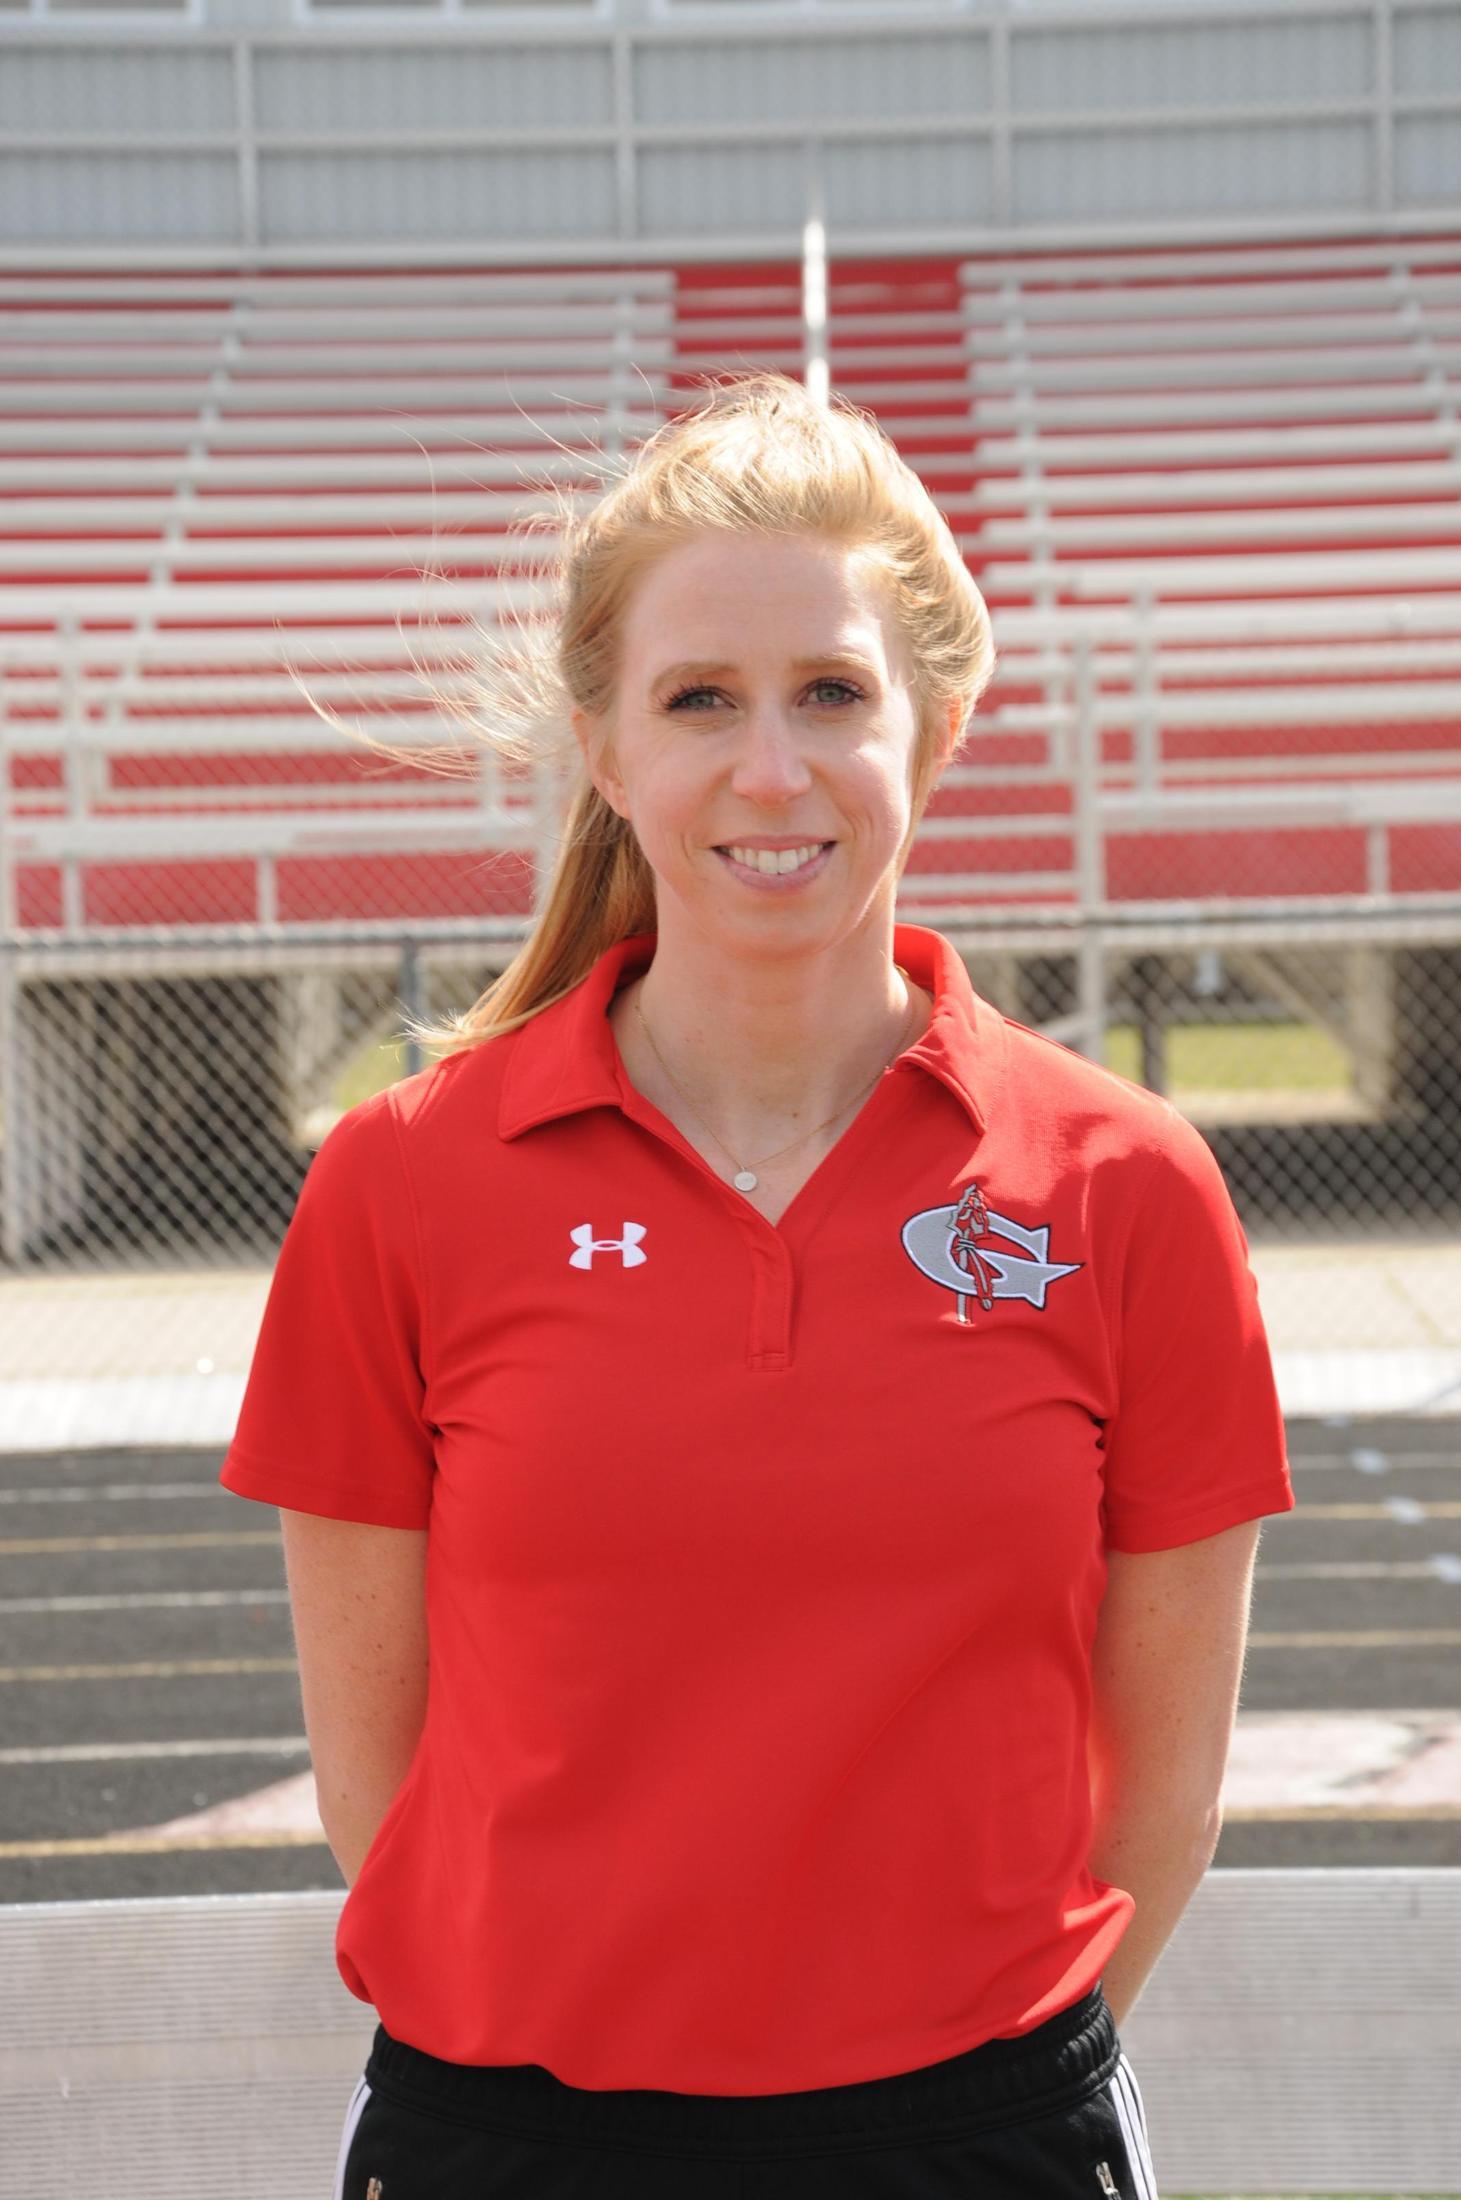 Coach Gaffney